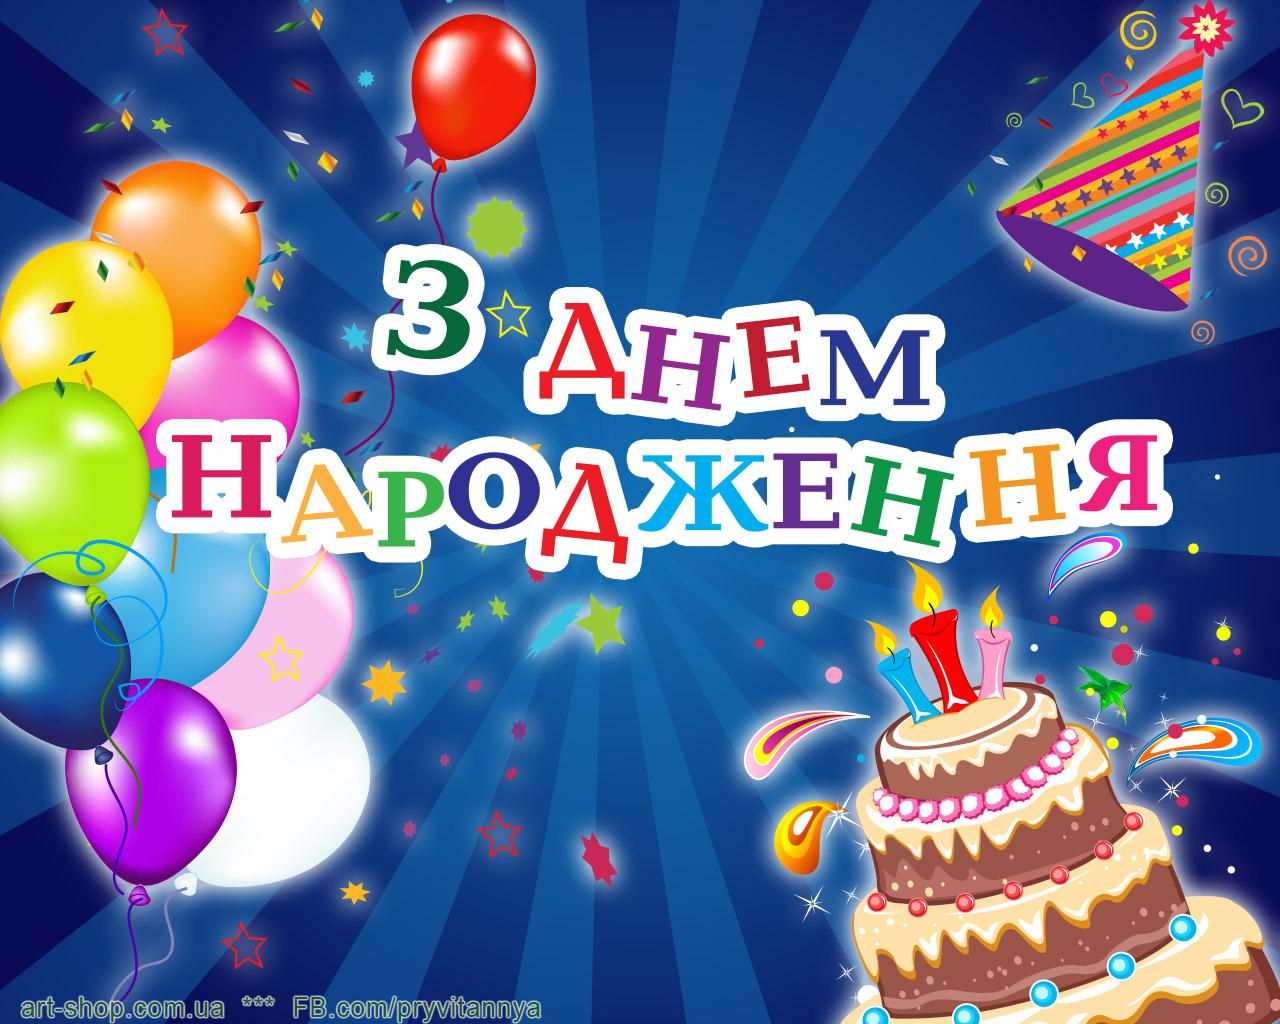 Поздравление з днем народження для друга